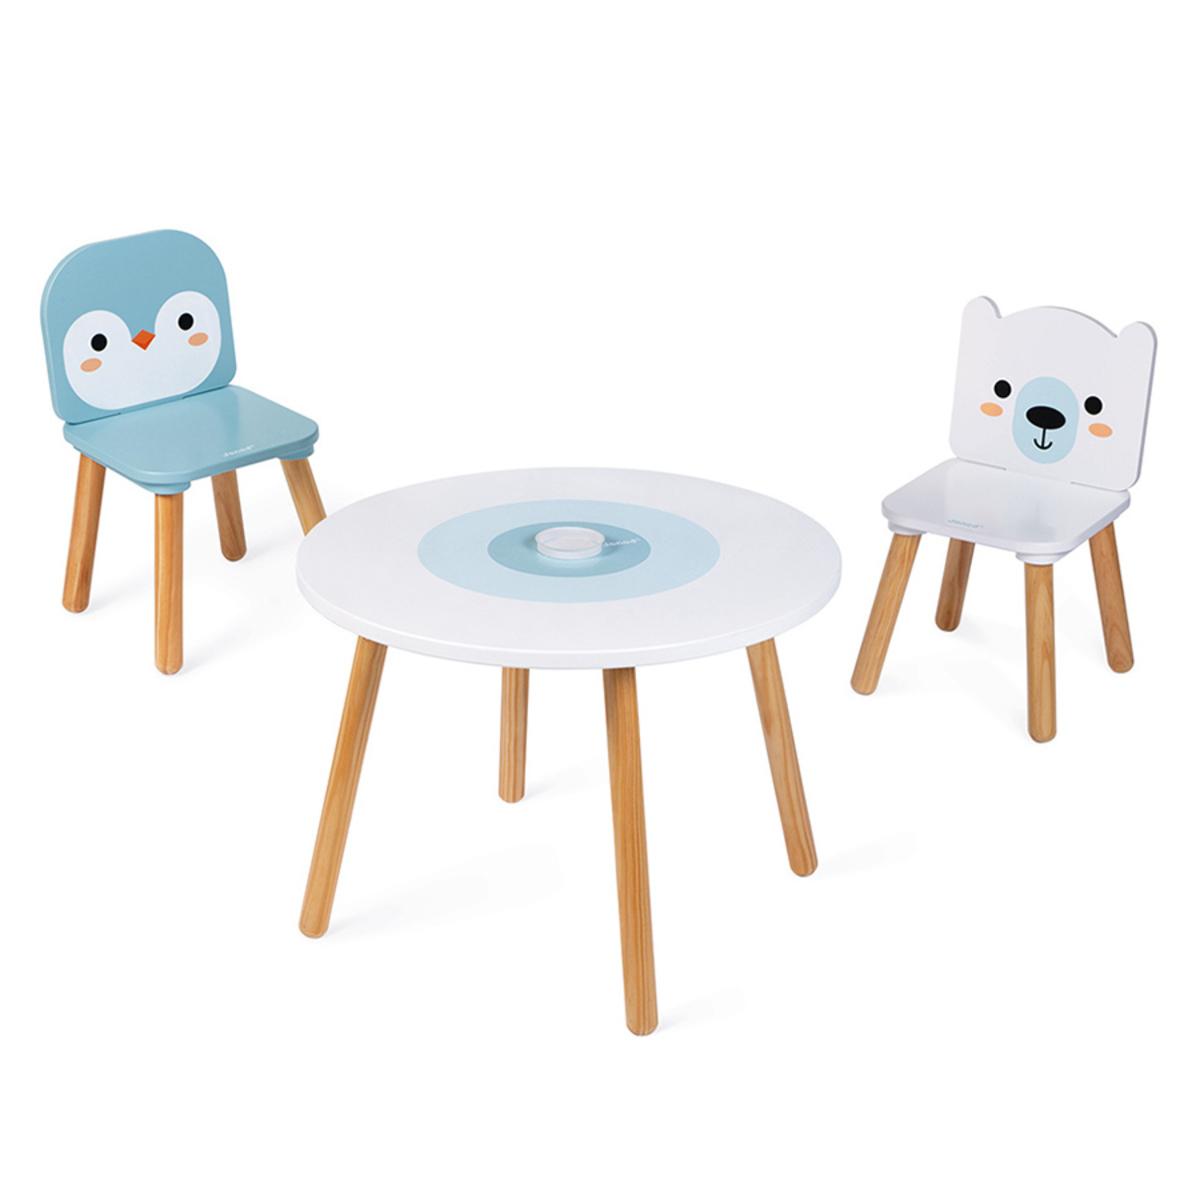 Table & Chaise Table et Chaises Banquise Table et Chaises Banquise